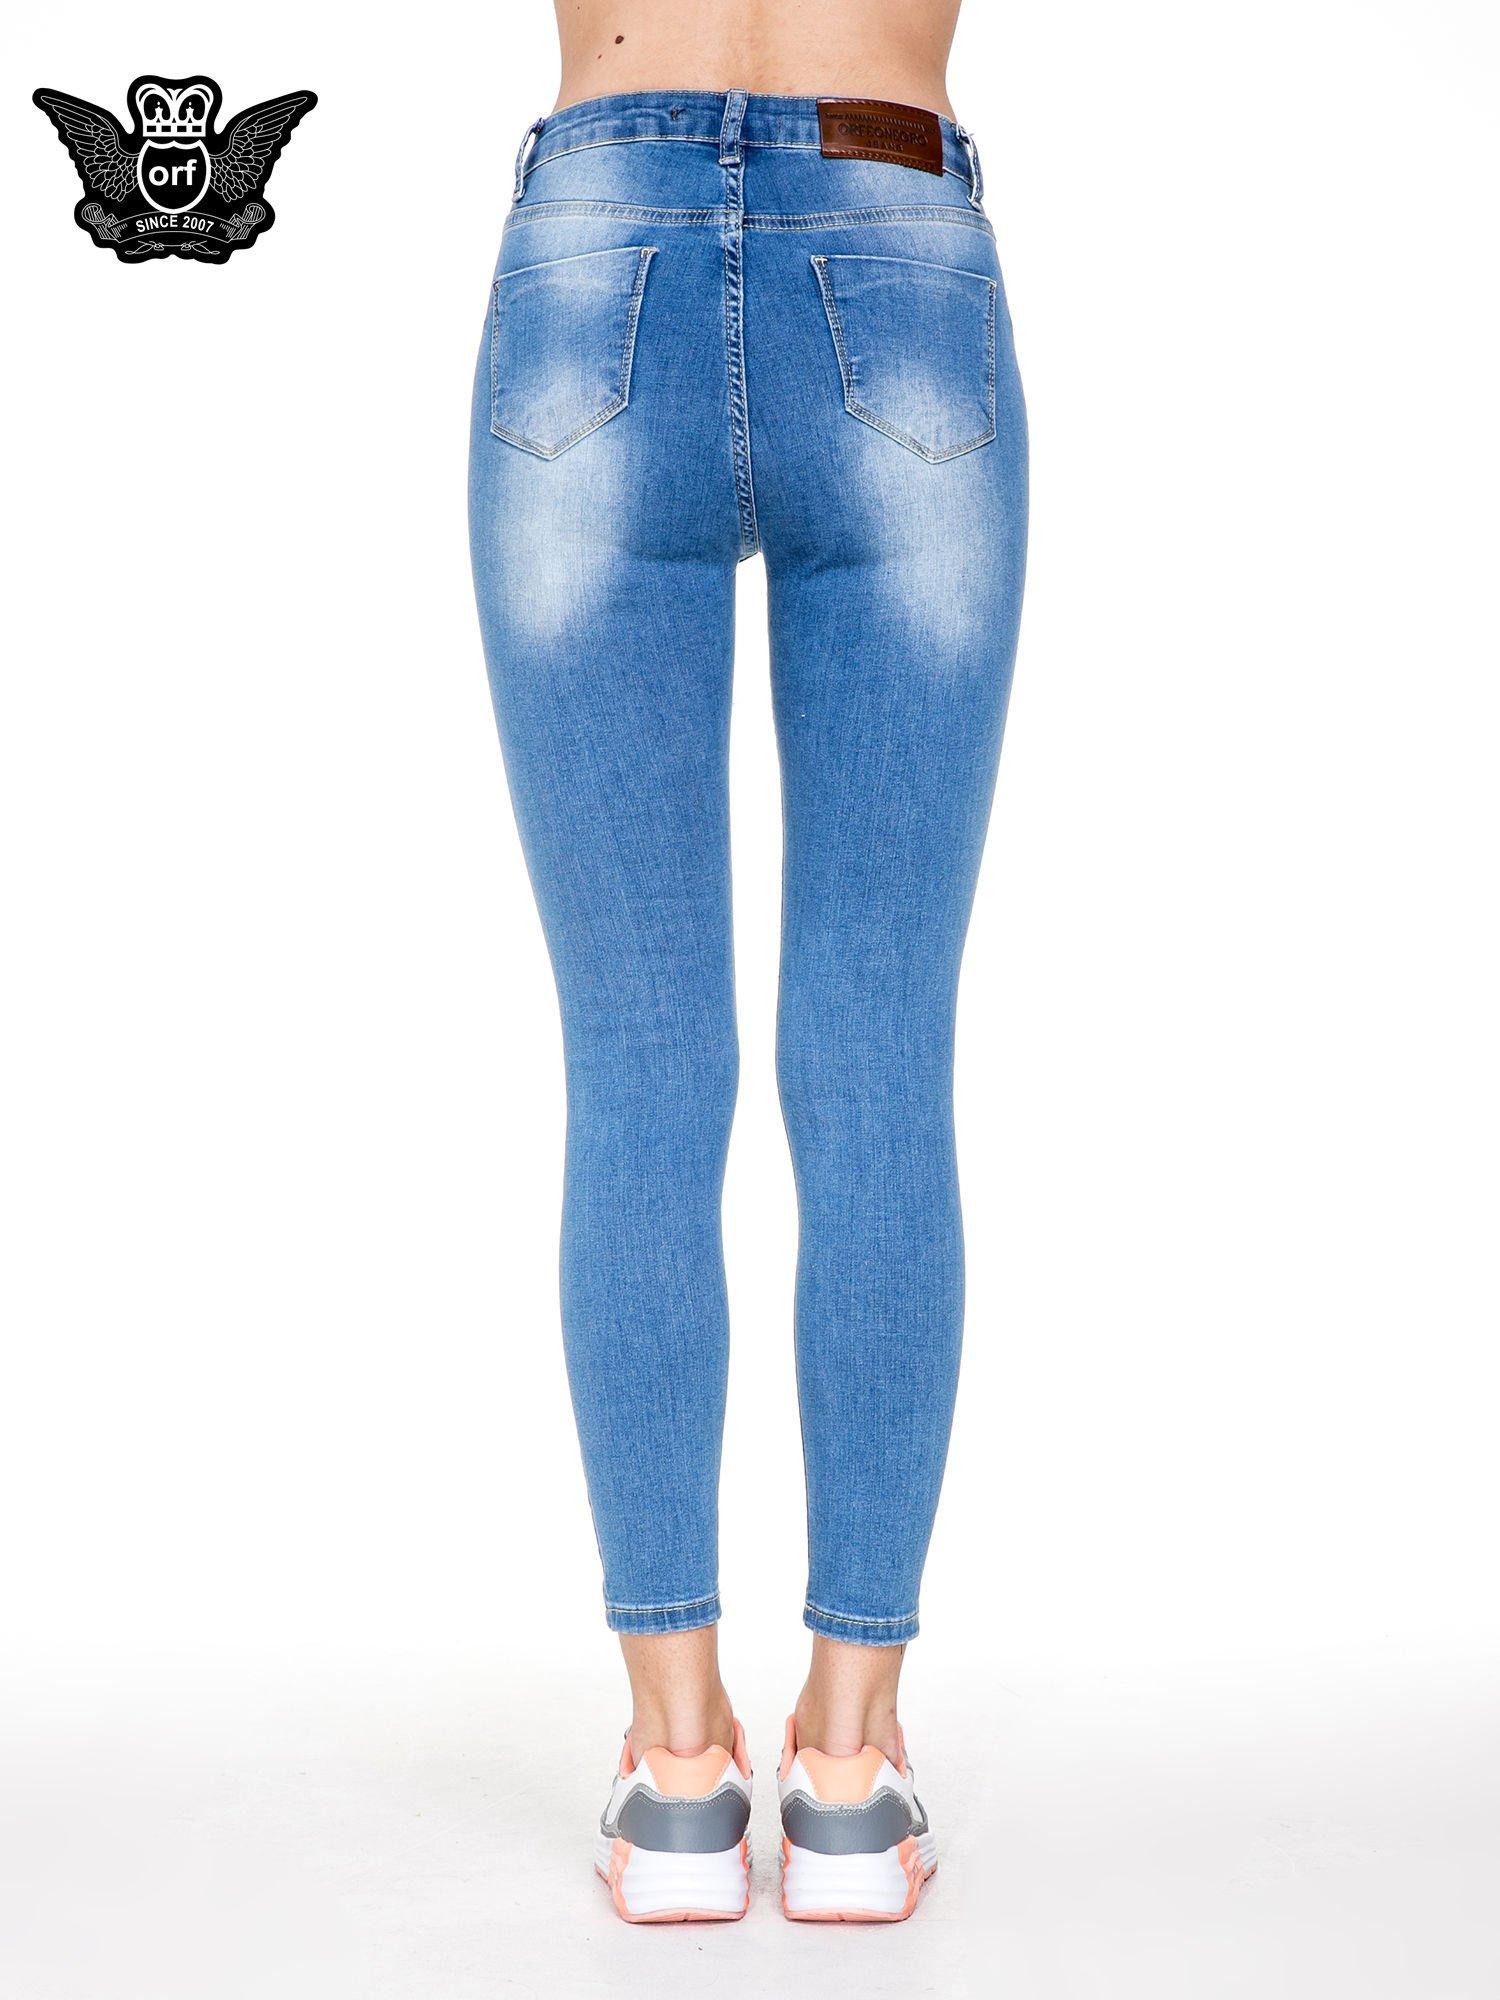 Niebieskie spodnie jeansowe rurki z wysokim stanem i dziurami na kolanach                                  zdj.                                  5